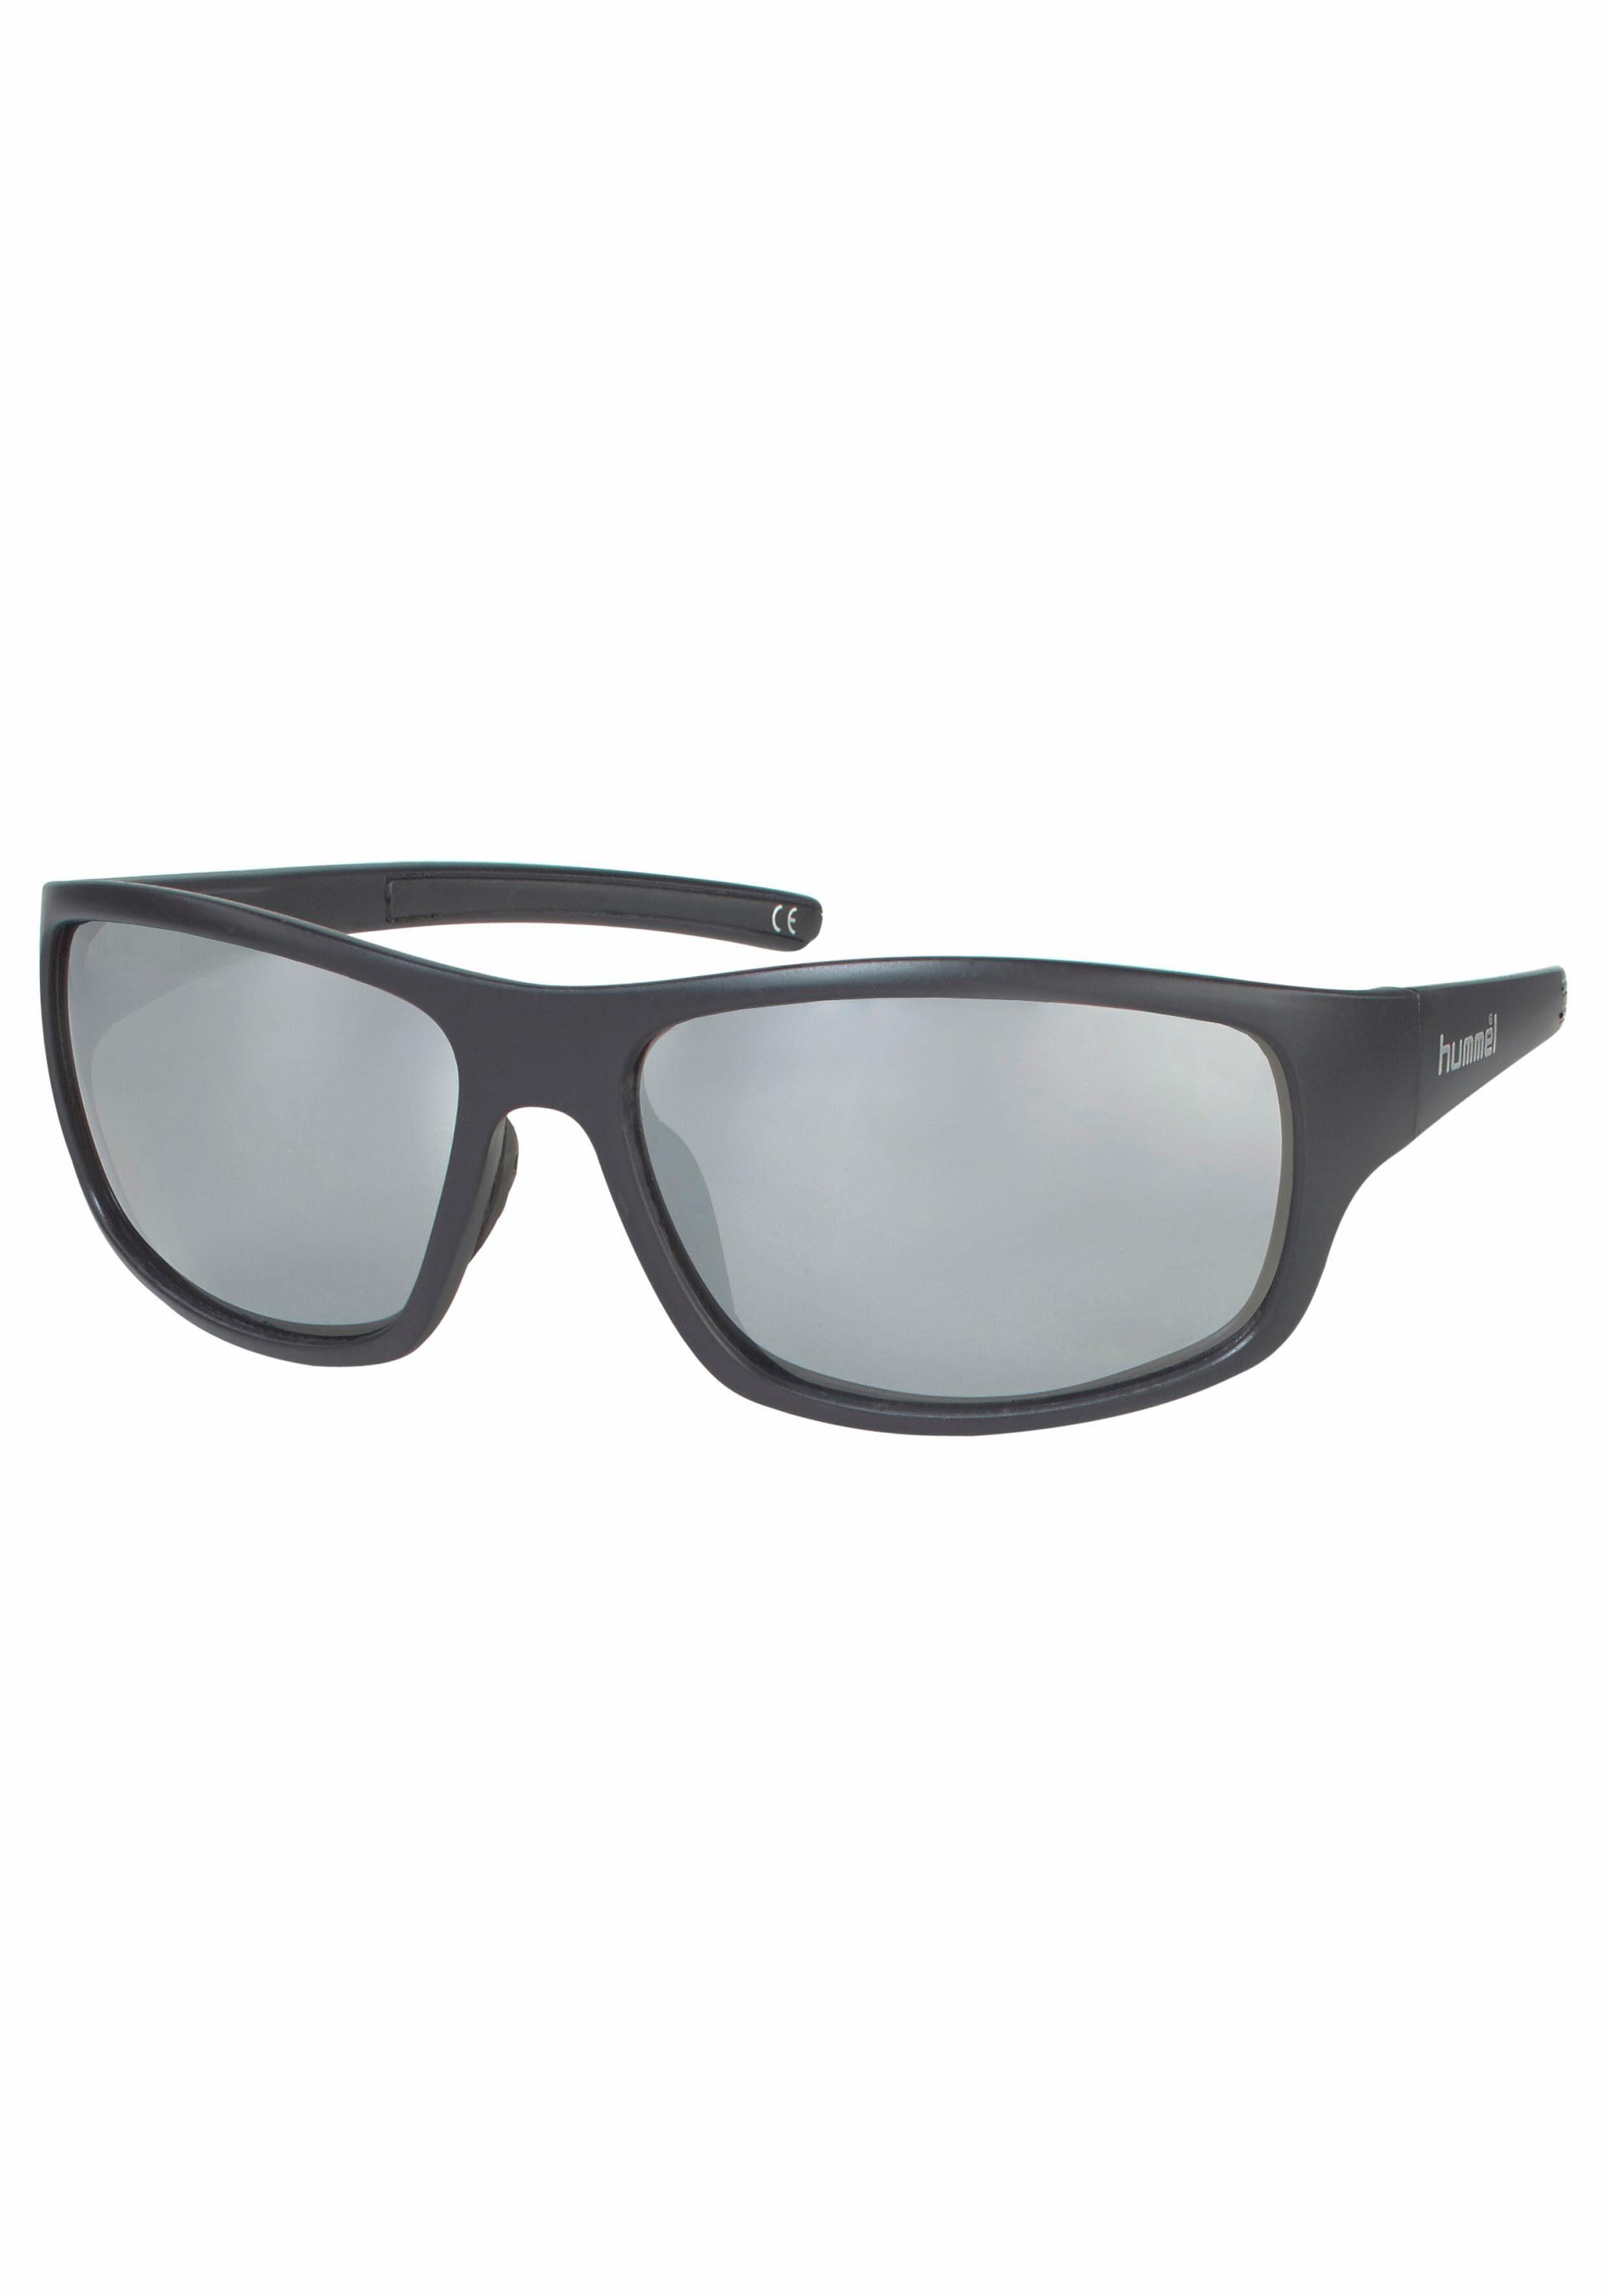 hummel Eyewear Sonnenbrille im sportlichen Design